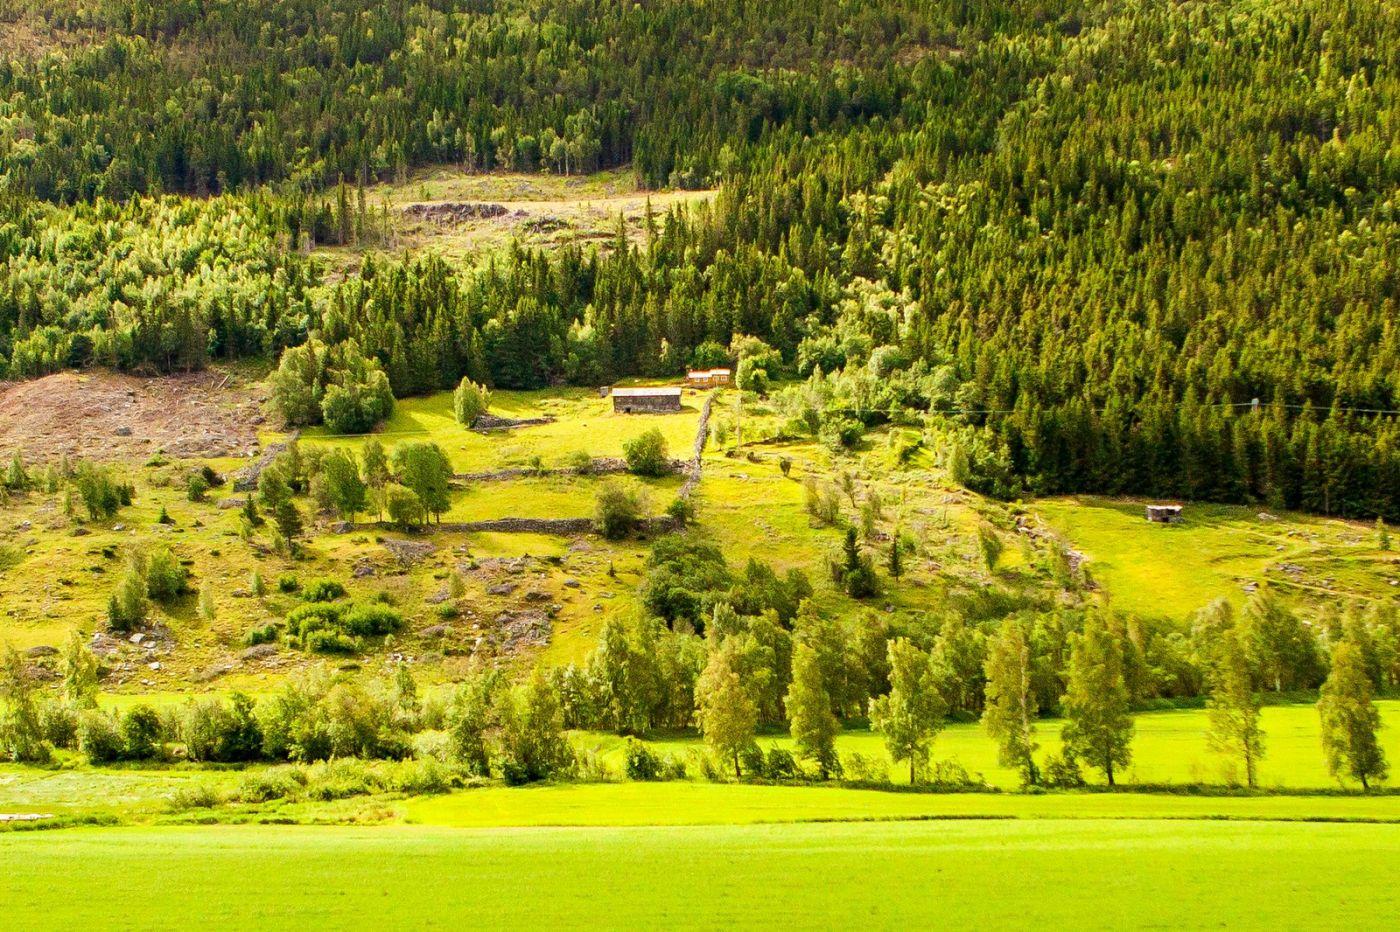 北欧旅途,美丽的田园_图1-12